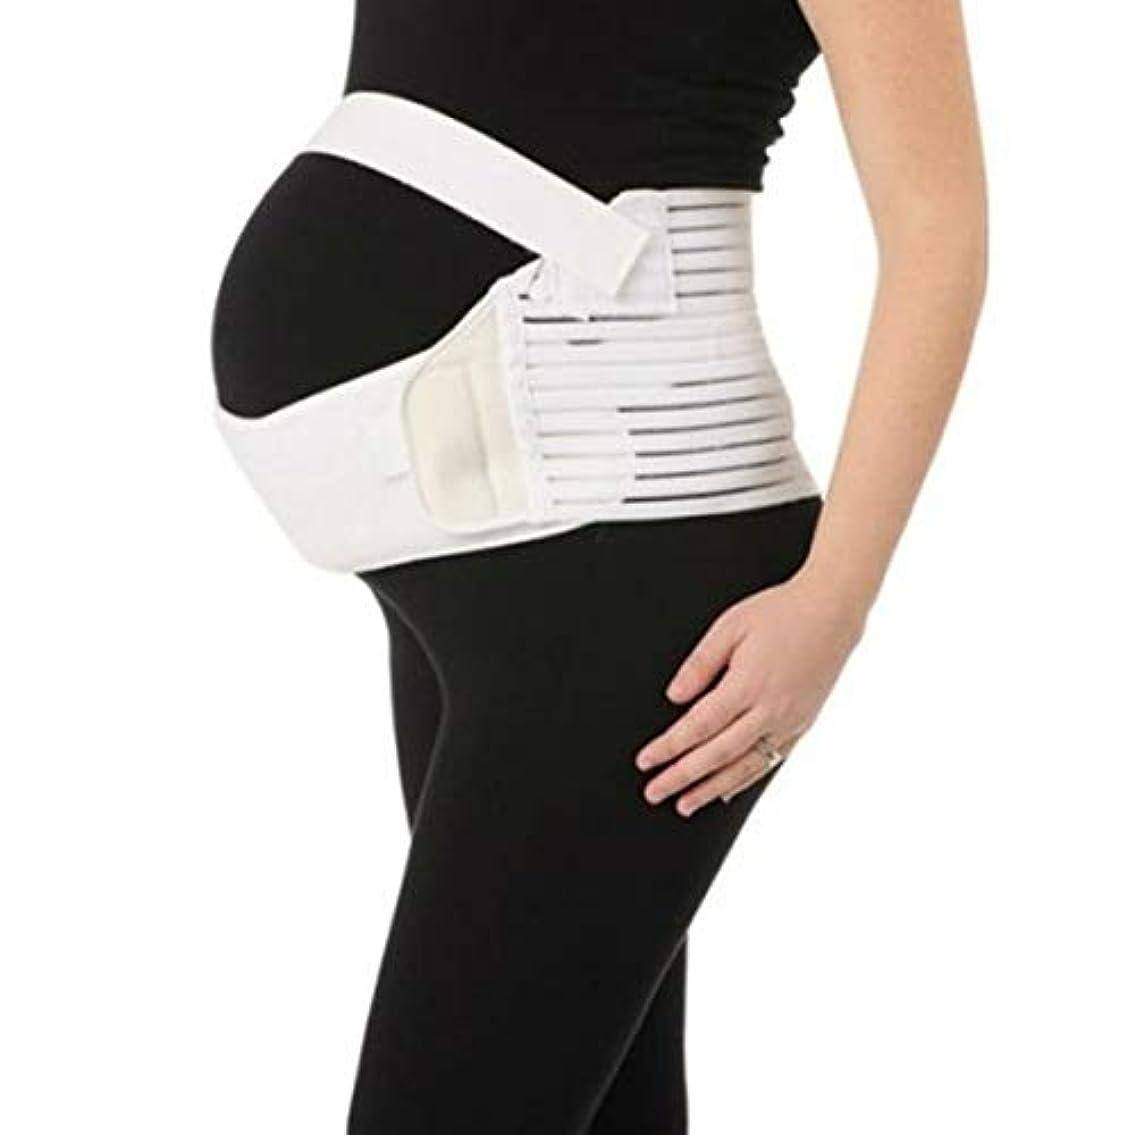 護衛嵐の特許通気性マタニティベルト妊娠腹部サポート腹部バインダーガードル運動包帯産後回復形状ウェア - ホワイトXL